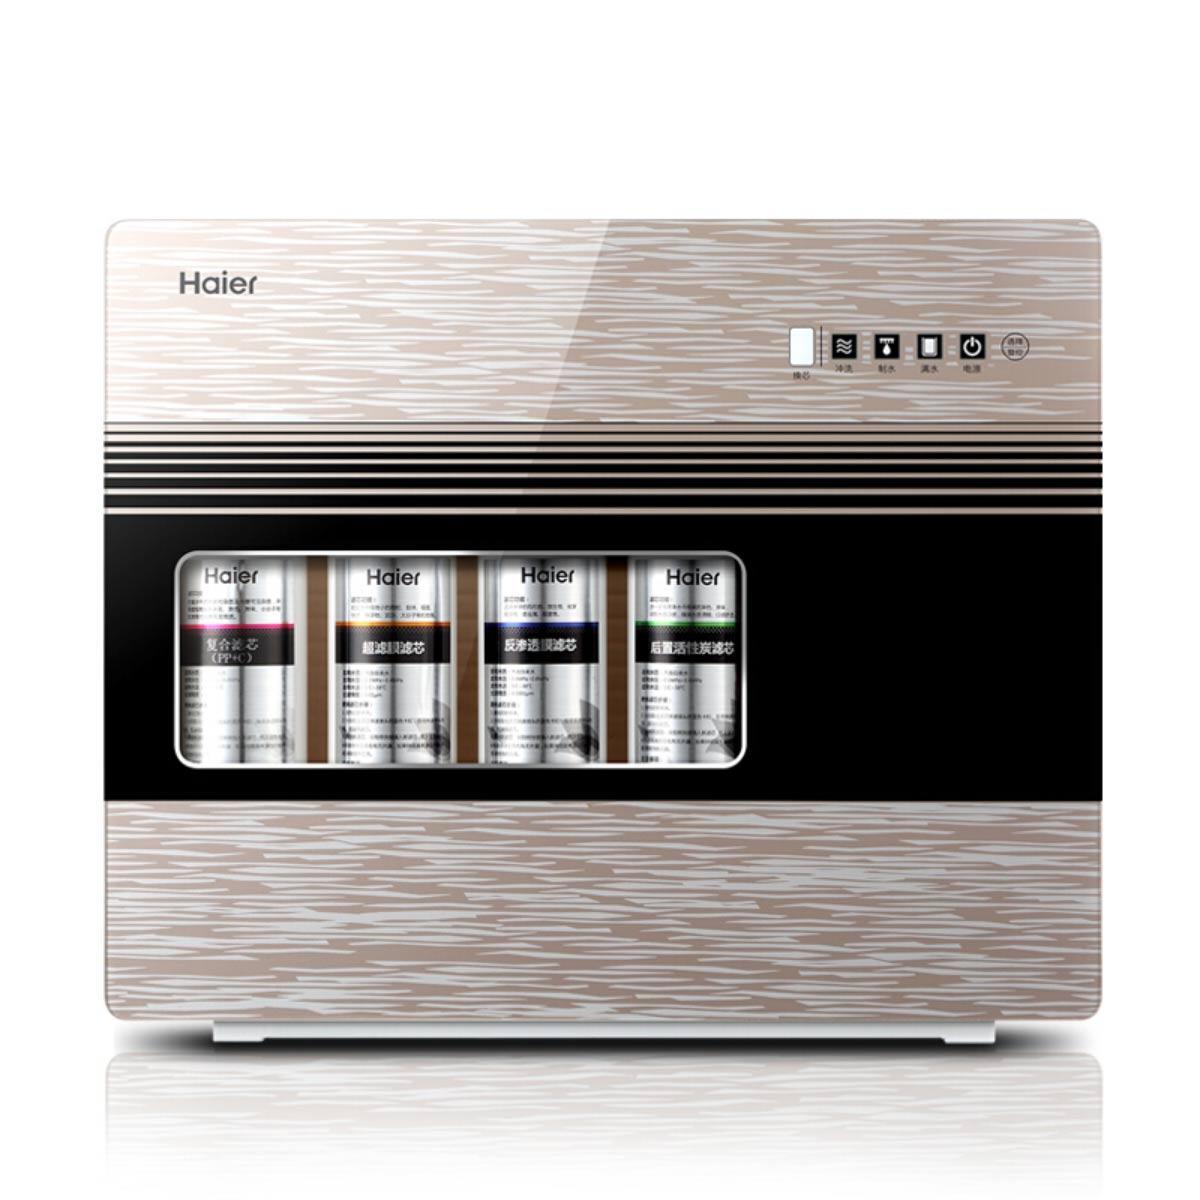 五级过滤 双膜双出水 换芯提醒 自动冲洗 HRO5009-5(升级版)